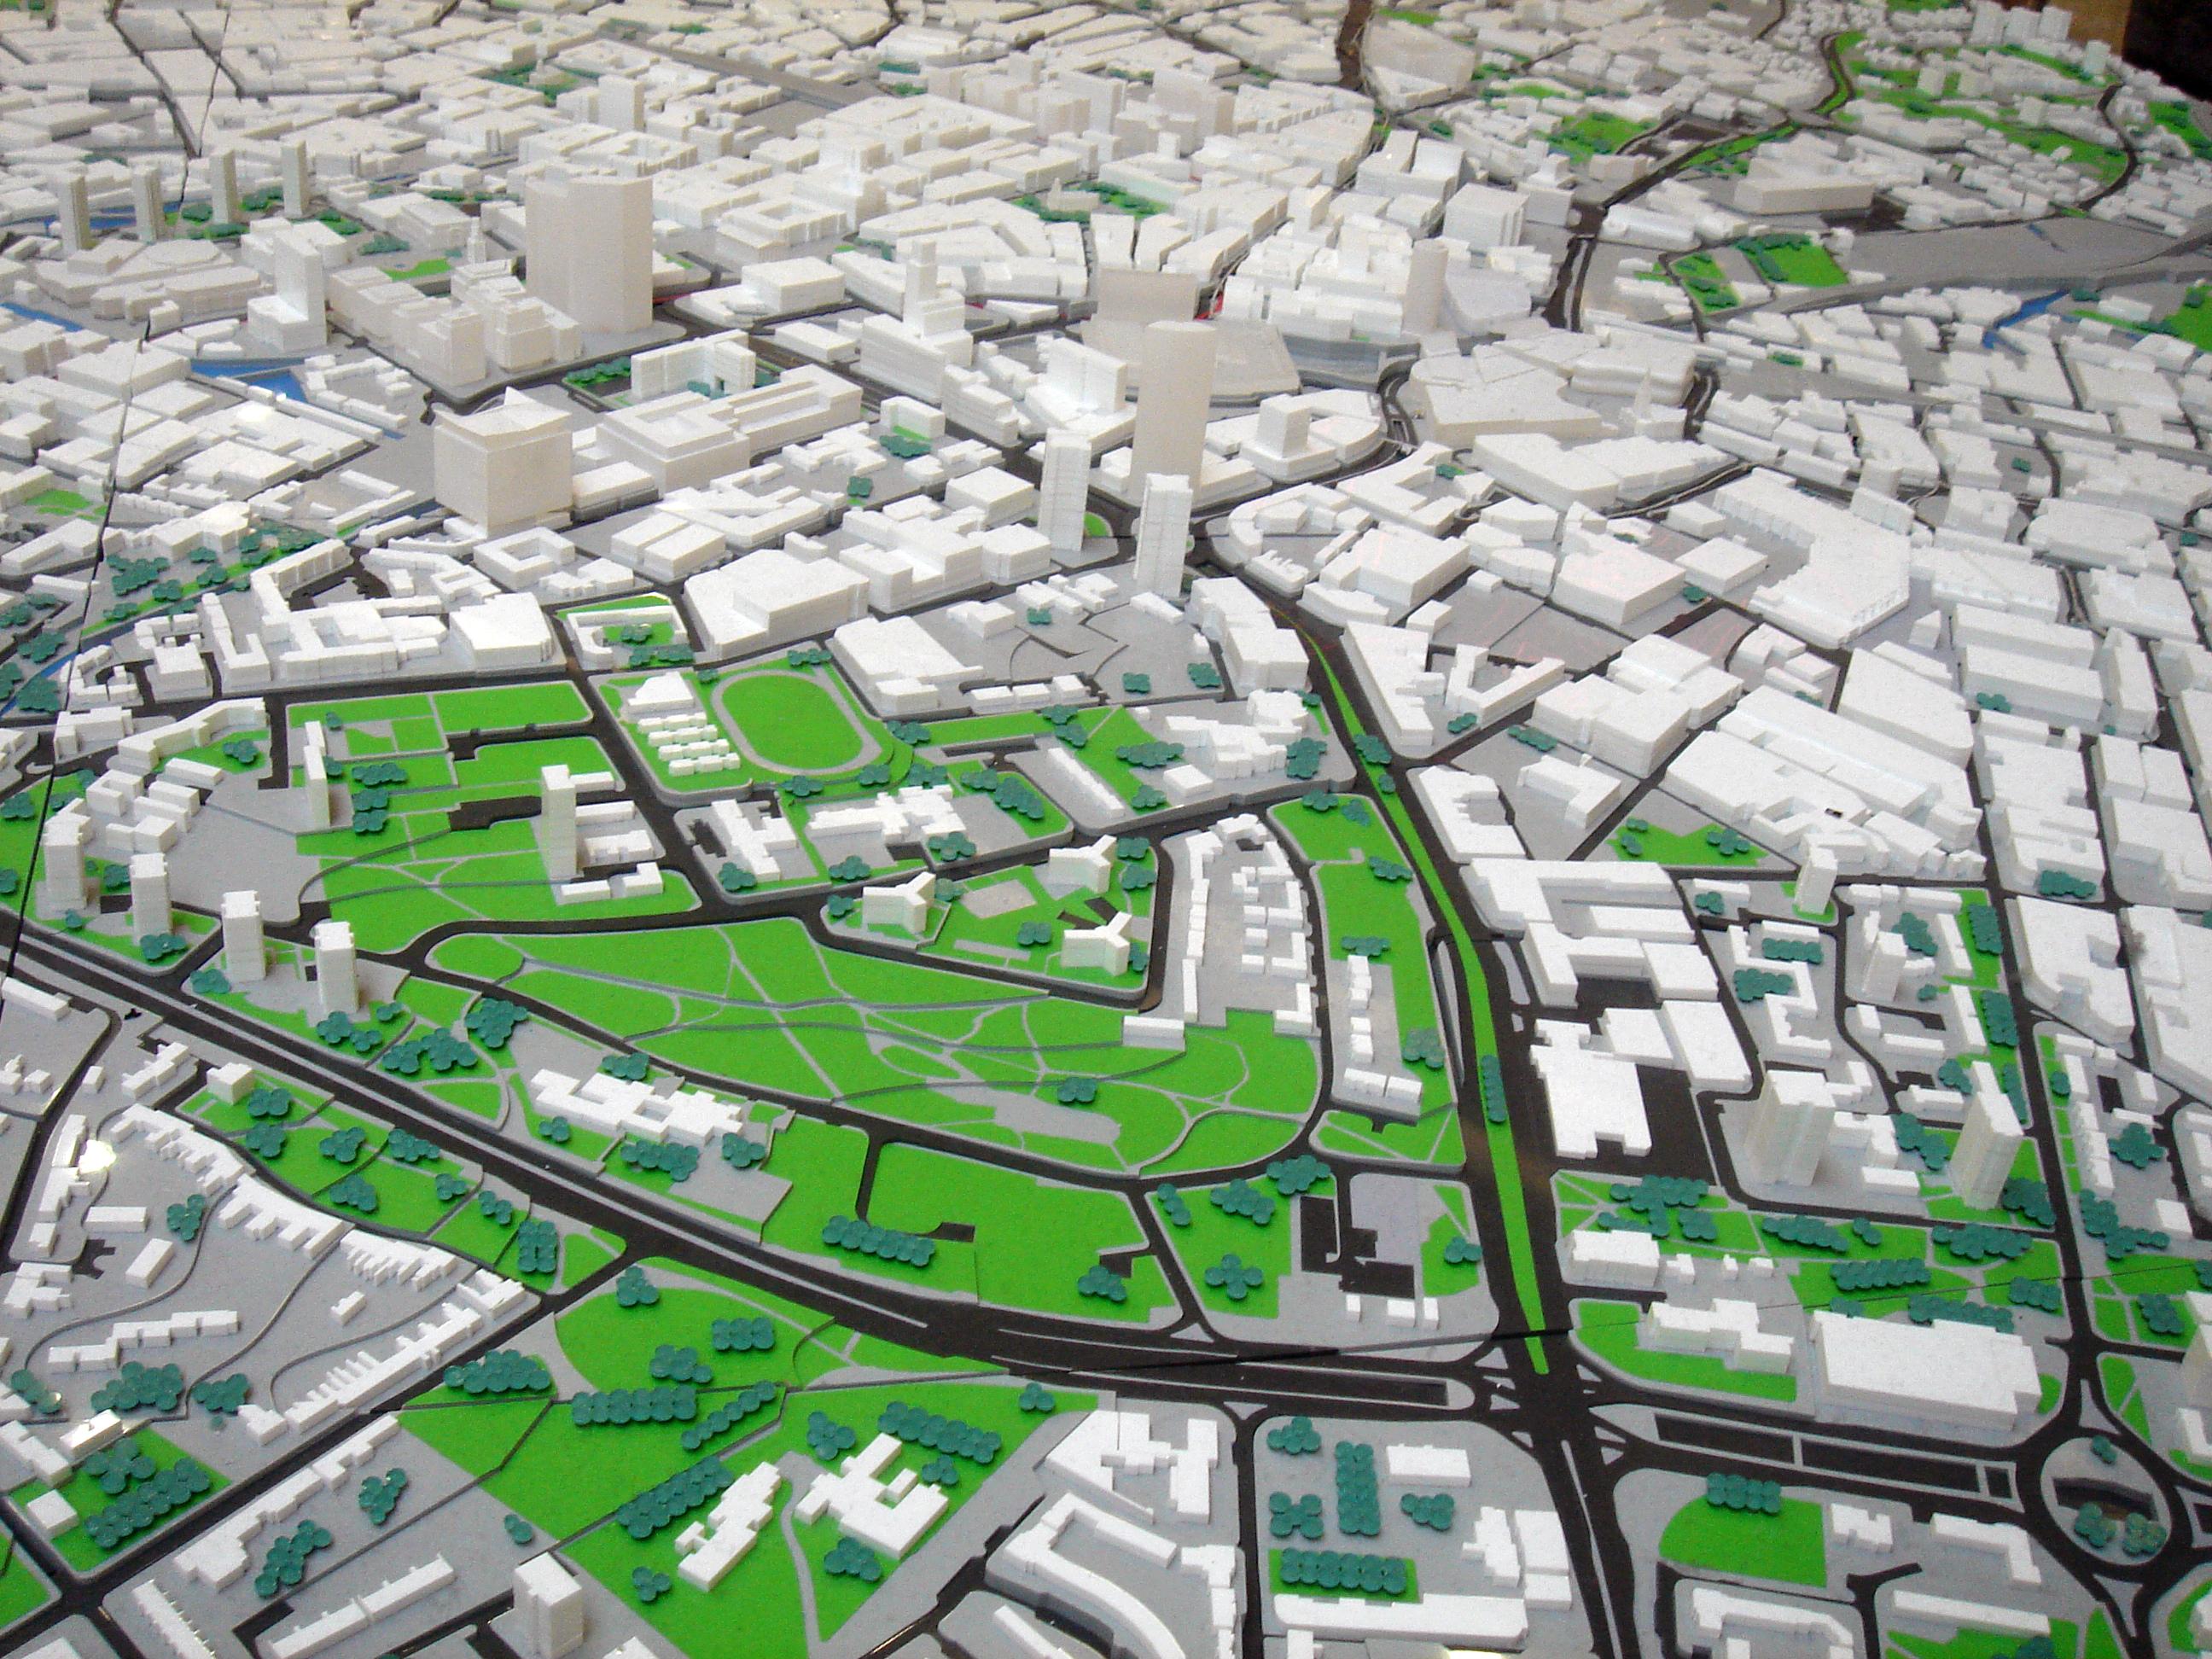 Výstavba nových bytů v České republice roste. Jak dlouho ještě?